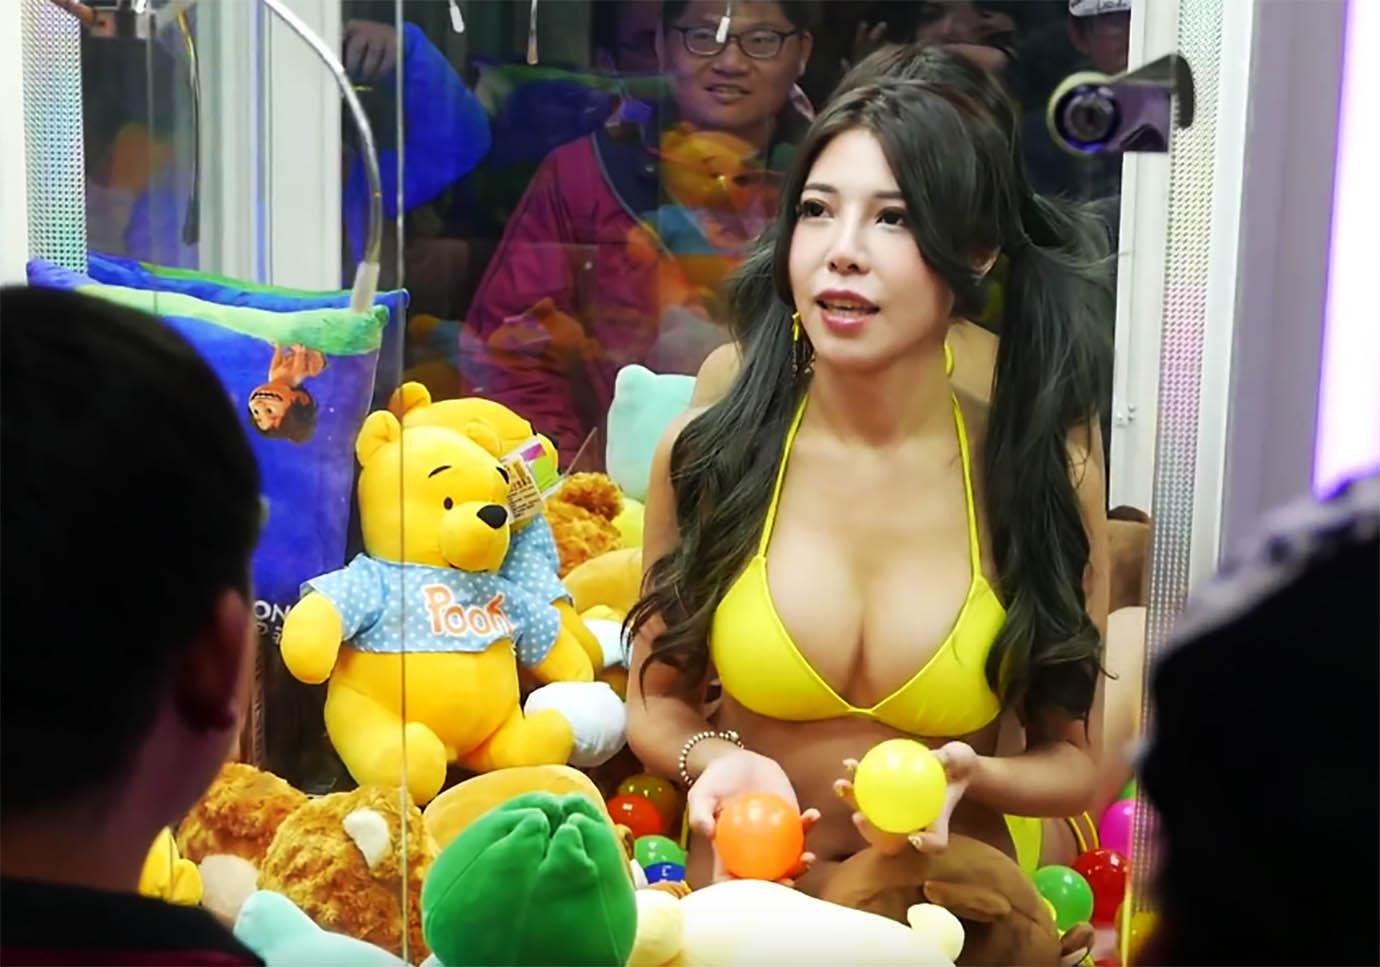 【画像】美人女子をUFOキャッチャーの中に入れたら大絶賛wwwwww